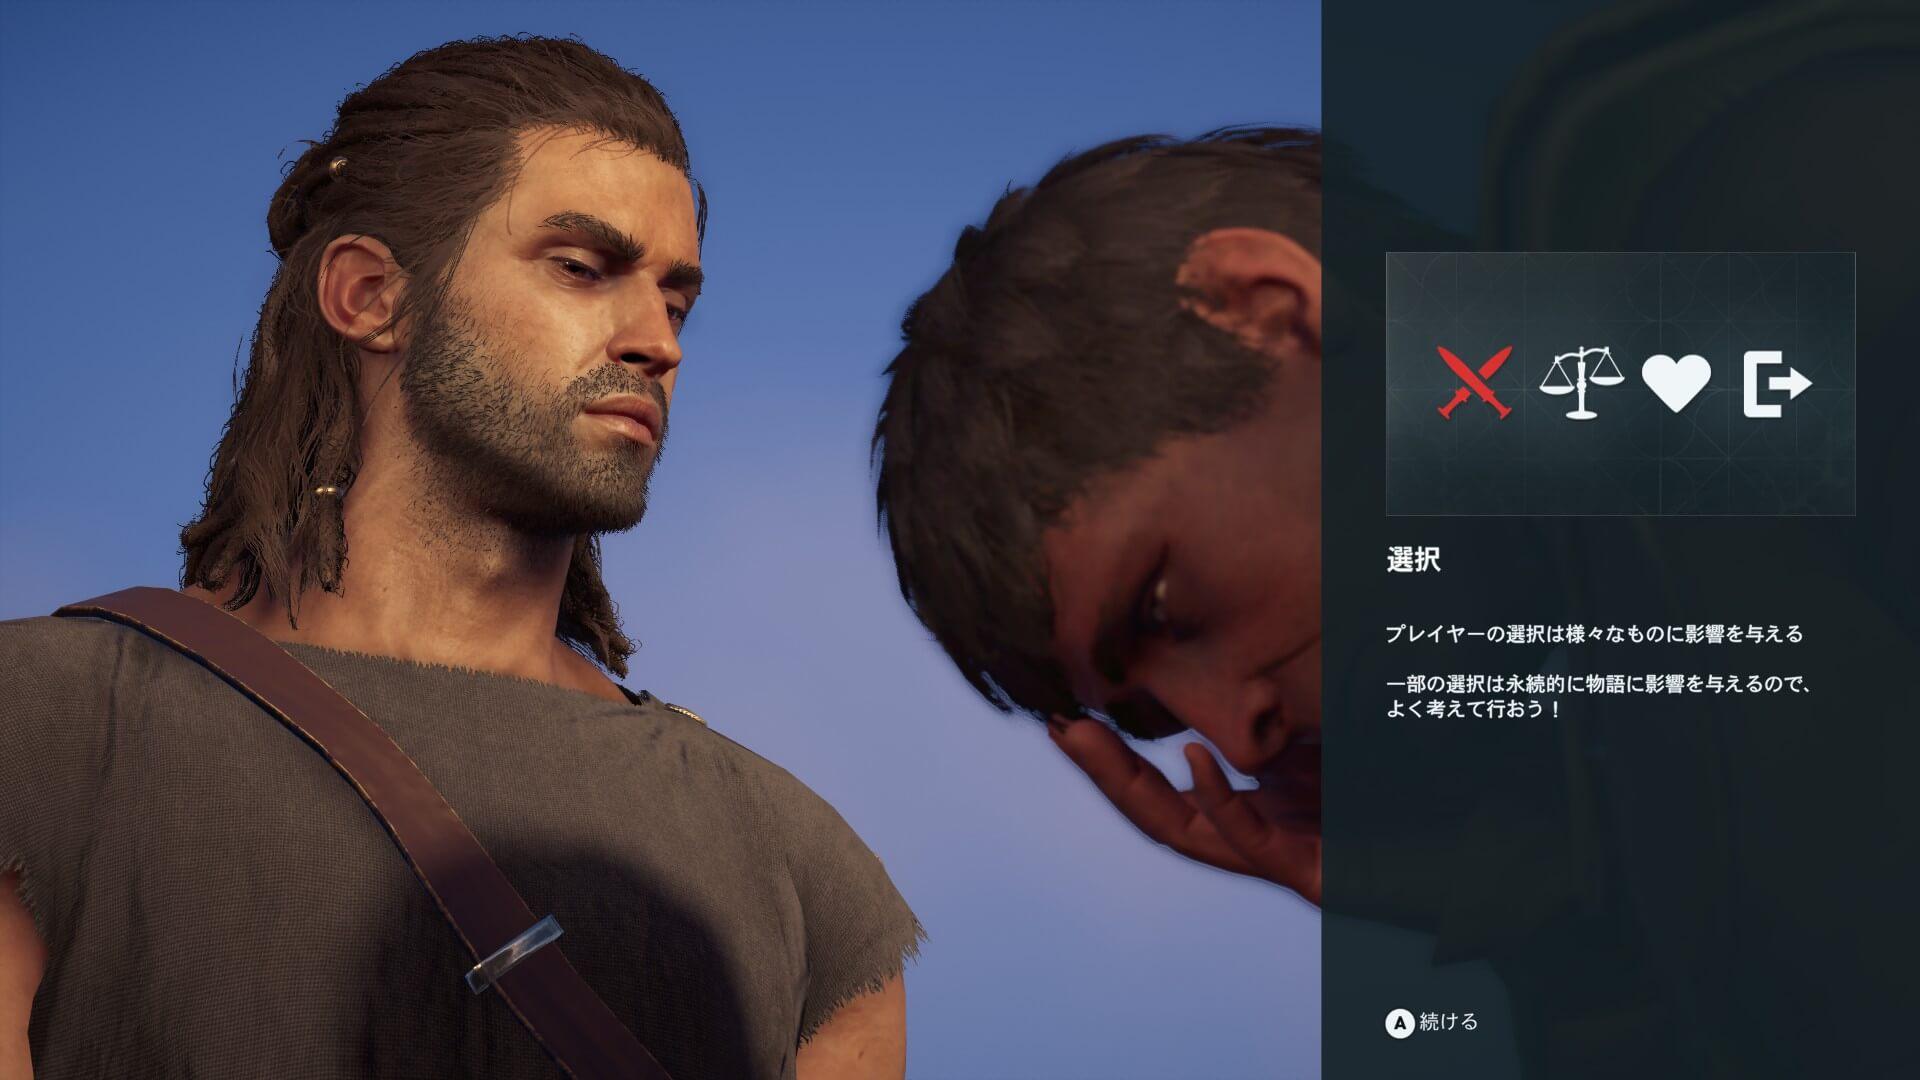 『アサシンクリード オデッセイ』ではプレイヤーの「選択」がゲーム世界にインパクトを与える。